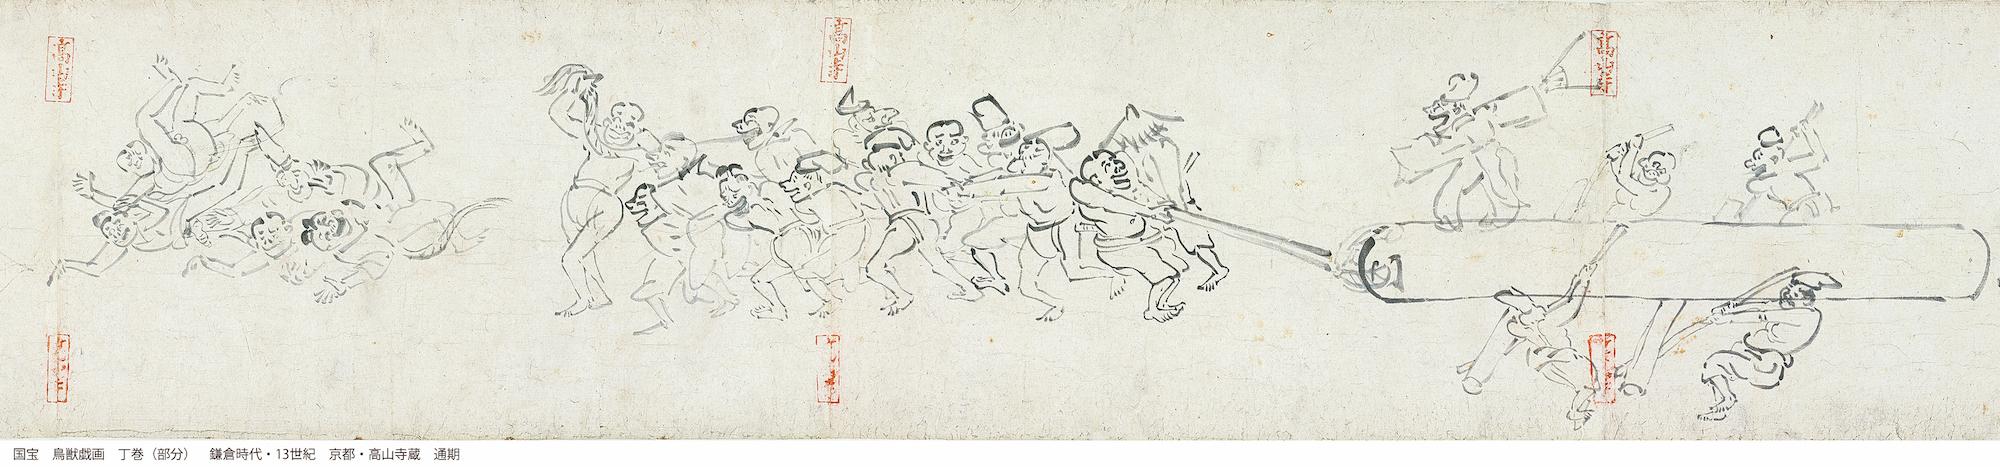 国宝 鳥獣戯画 丁巻(部分) 鎌倉時代 13世紀 京都・高山寺 通期